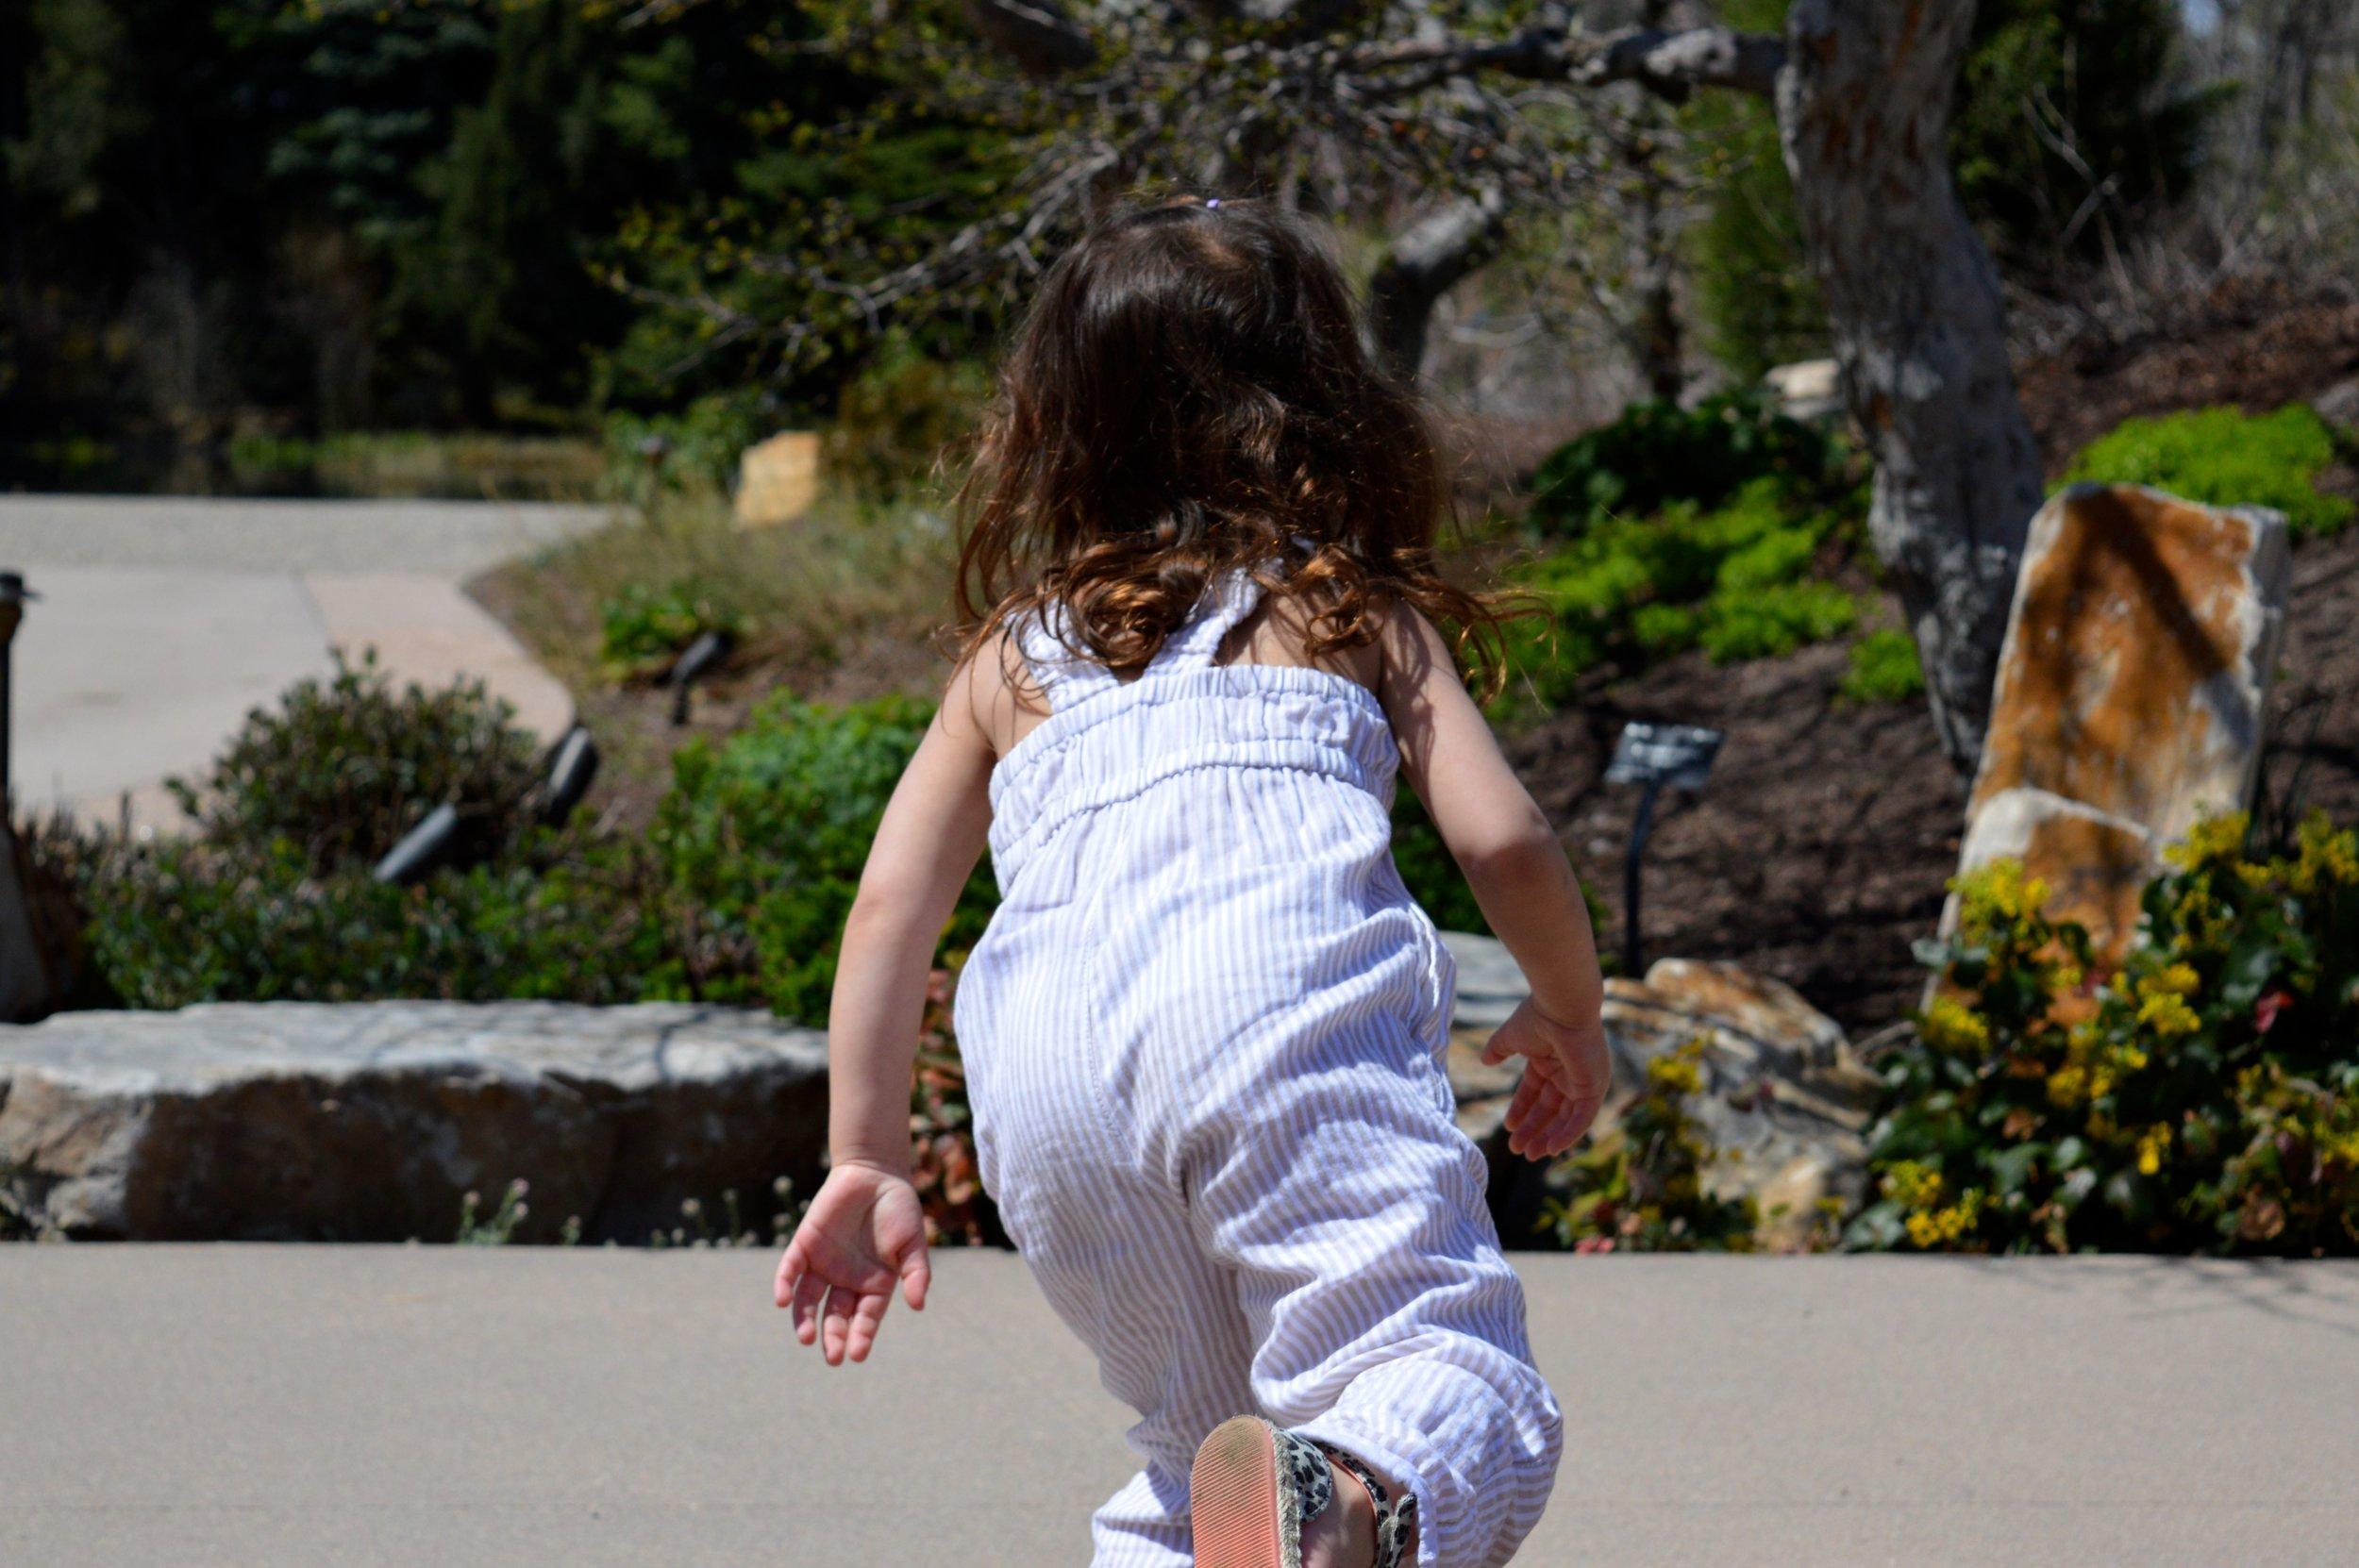 denver-botanic-gardens-April-13-3.jpg